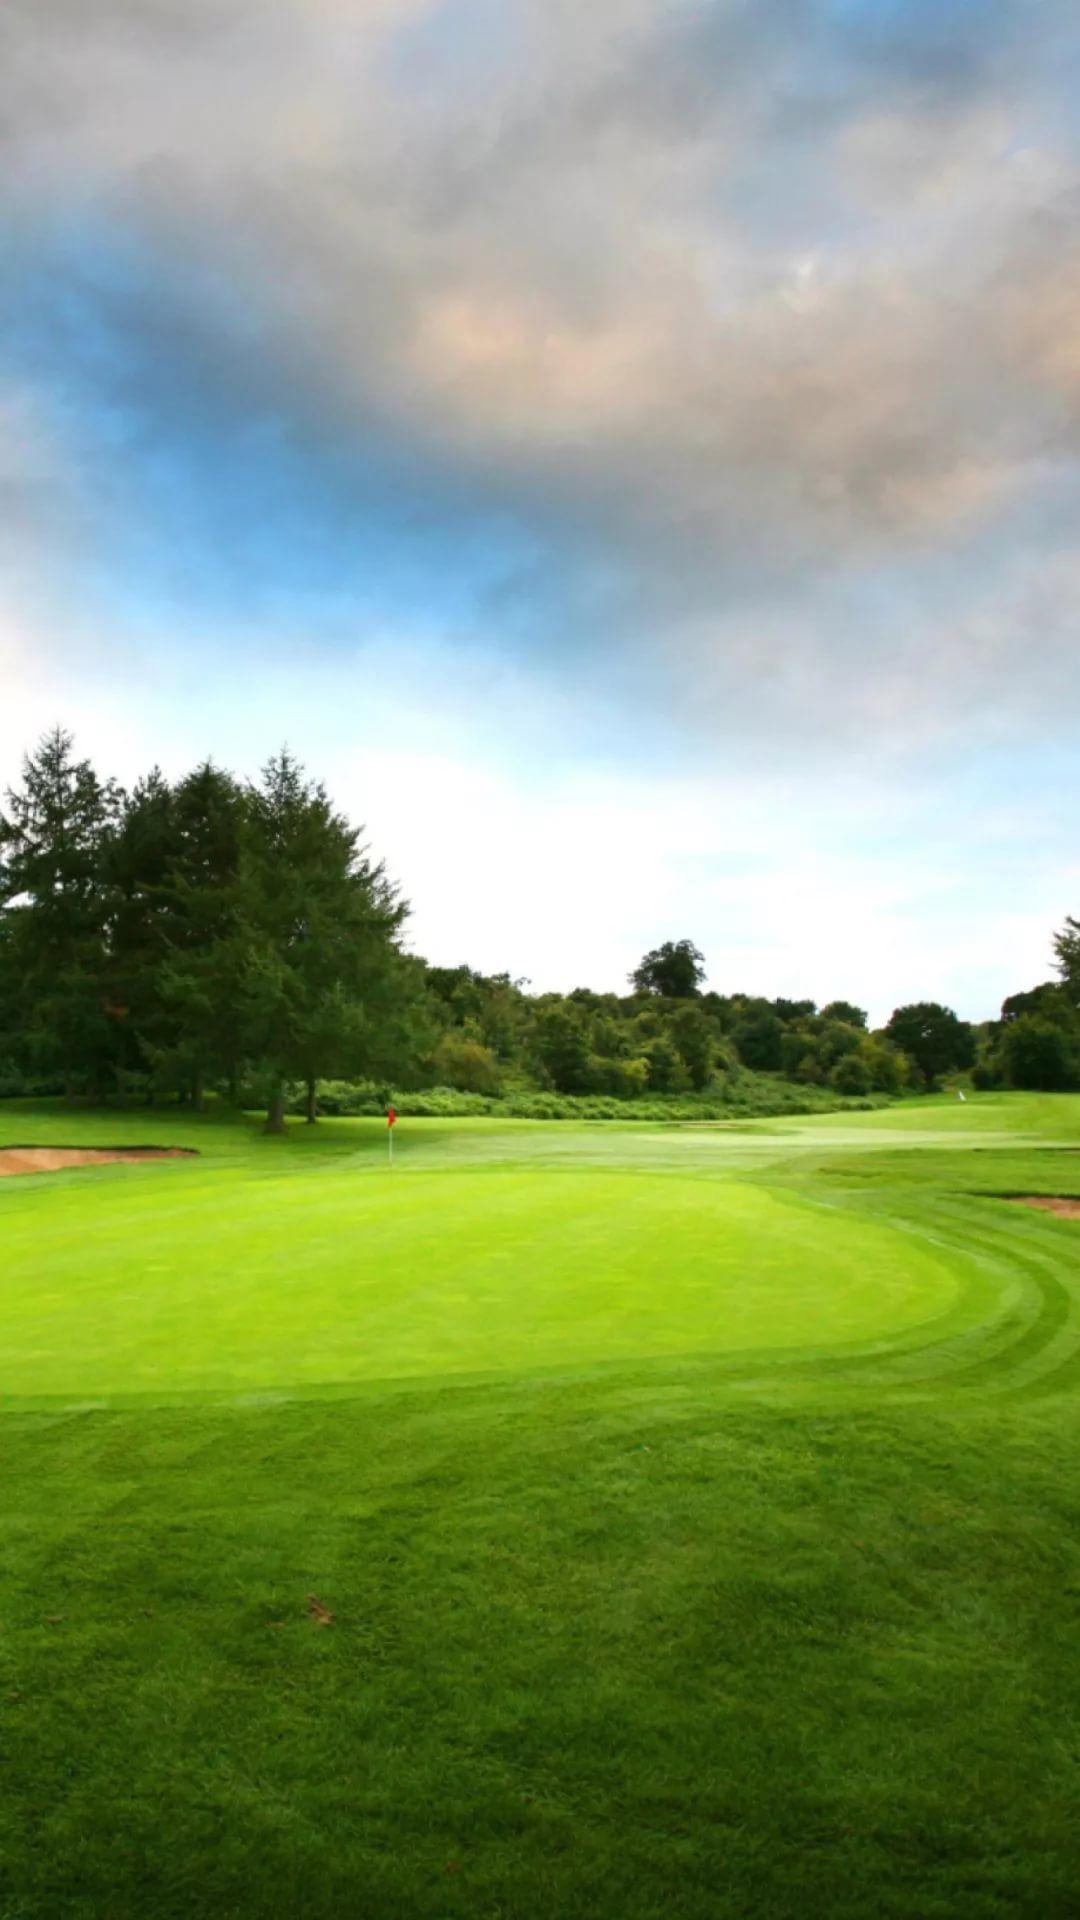 Golf iPhone 7 wallpaper